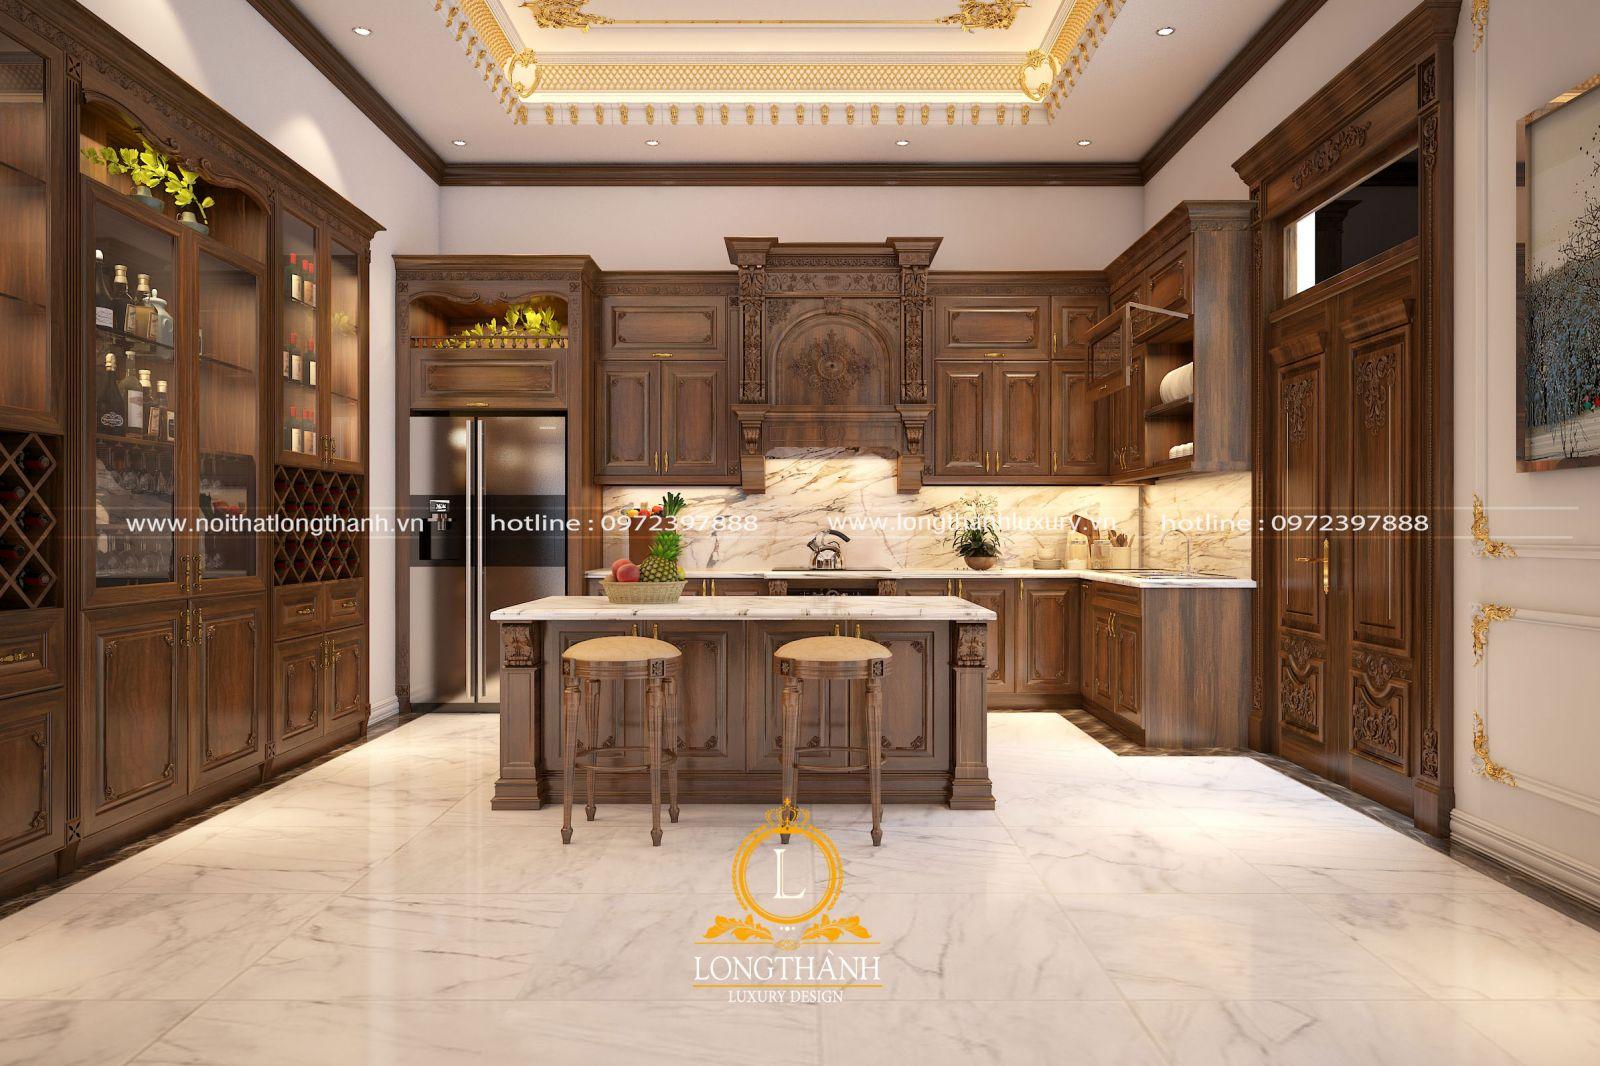 Bộ tủ bếp được bố trí cùng bàn đảo mang đến sự đầy đủ tiện nghi khi sử dụng